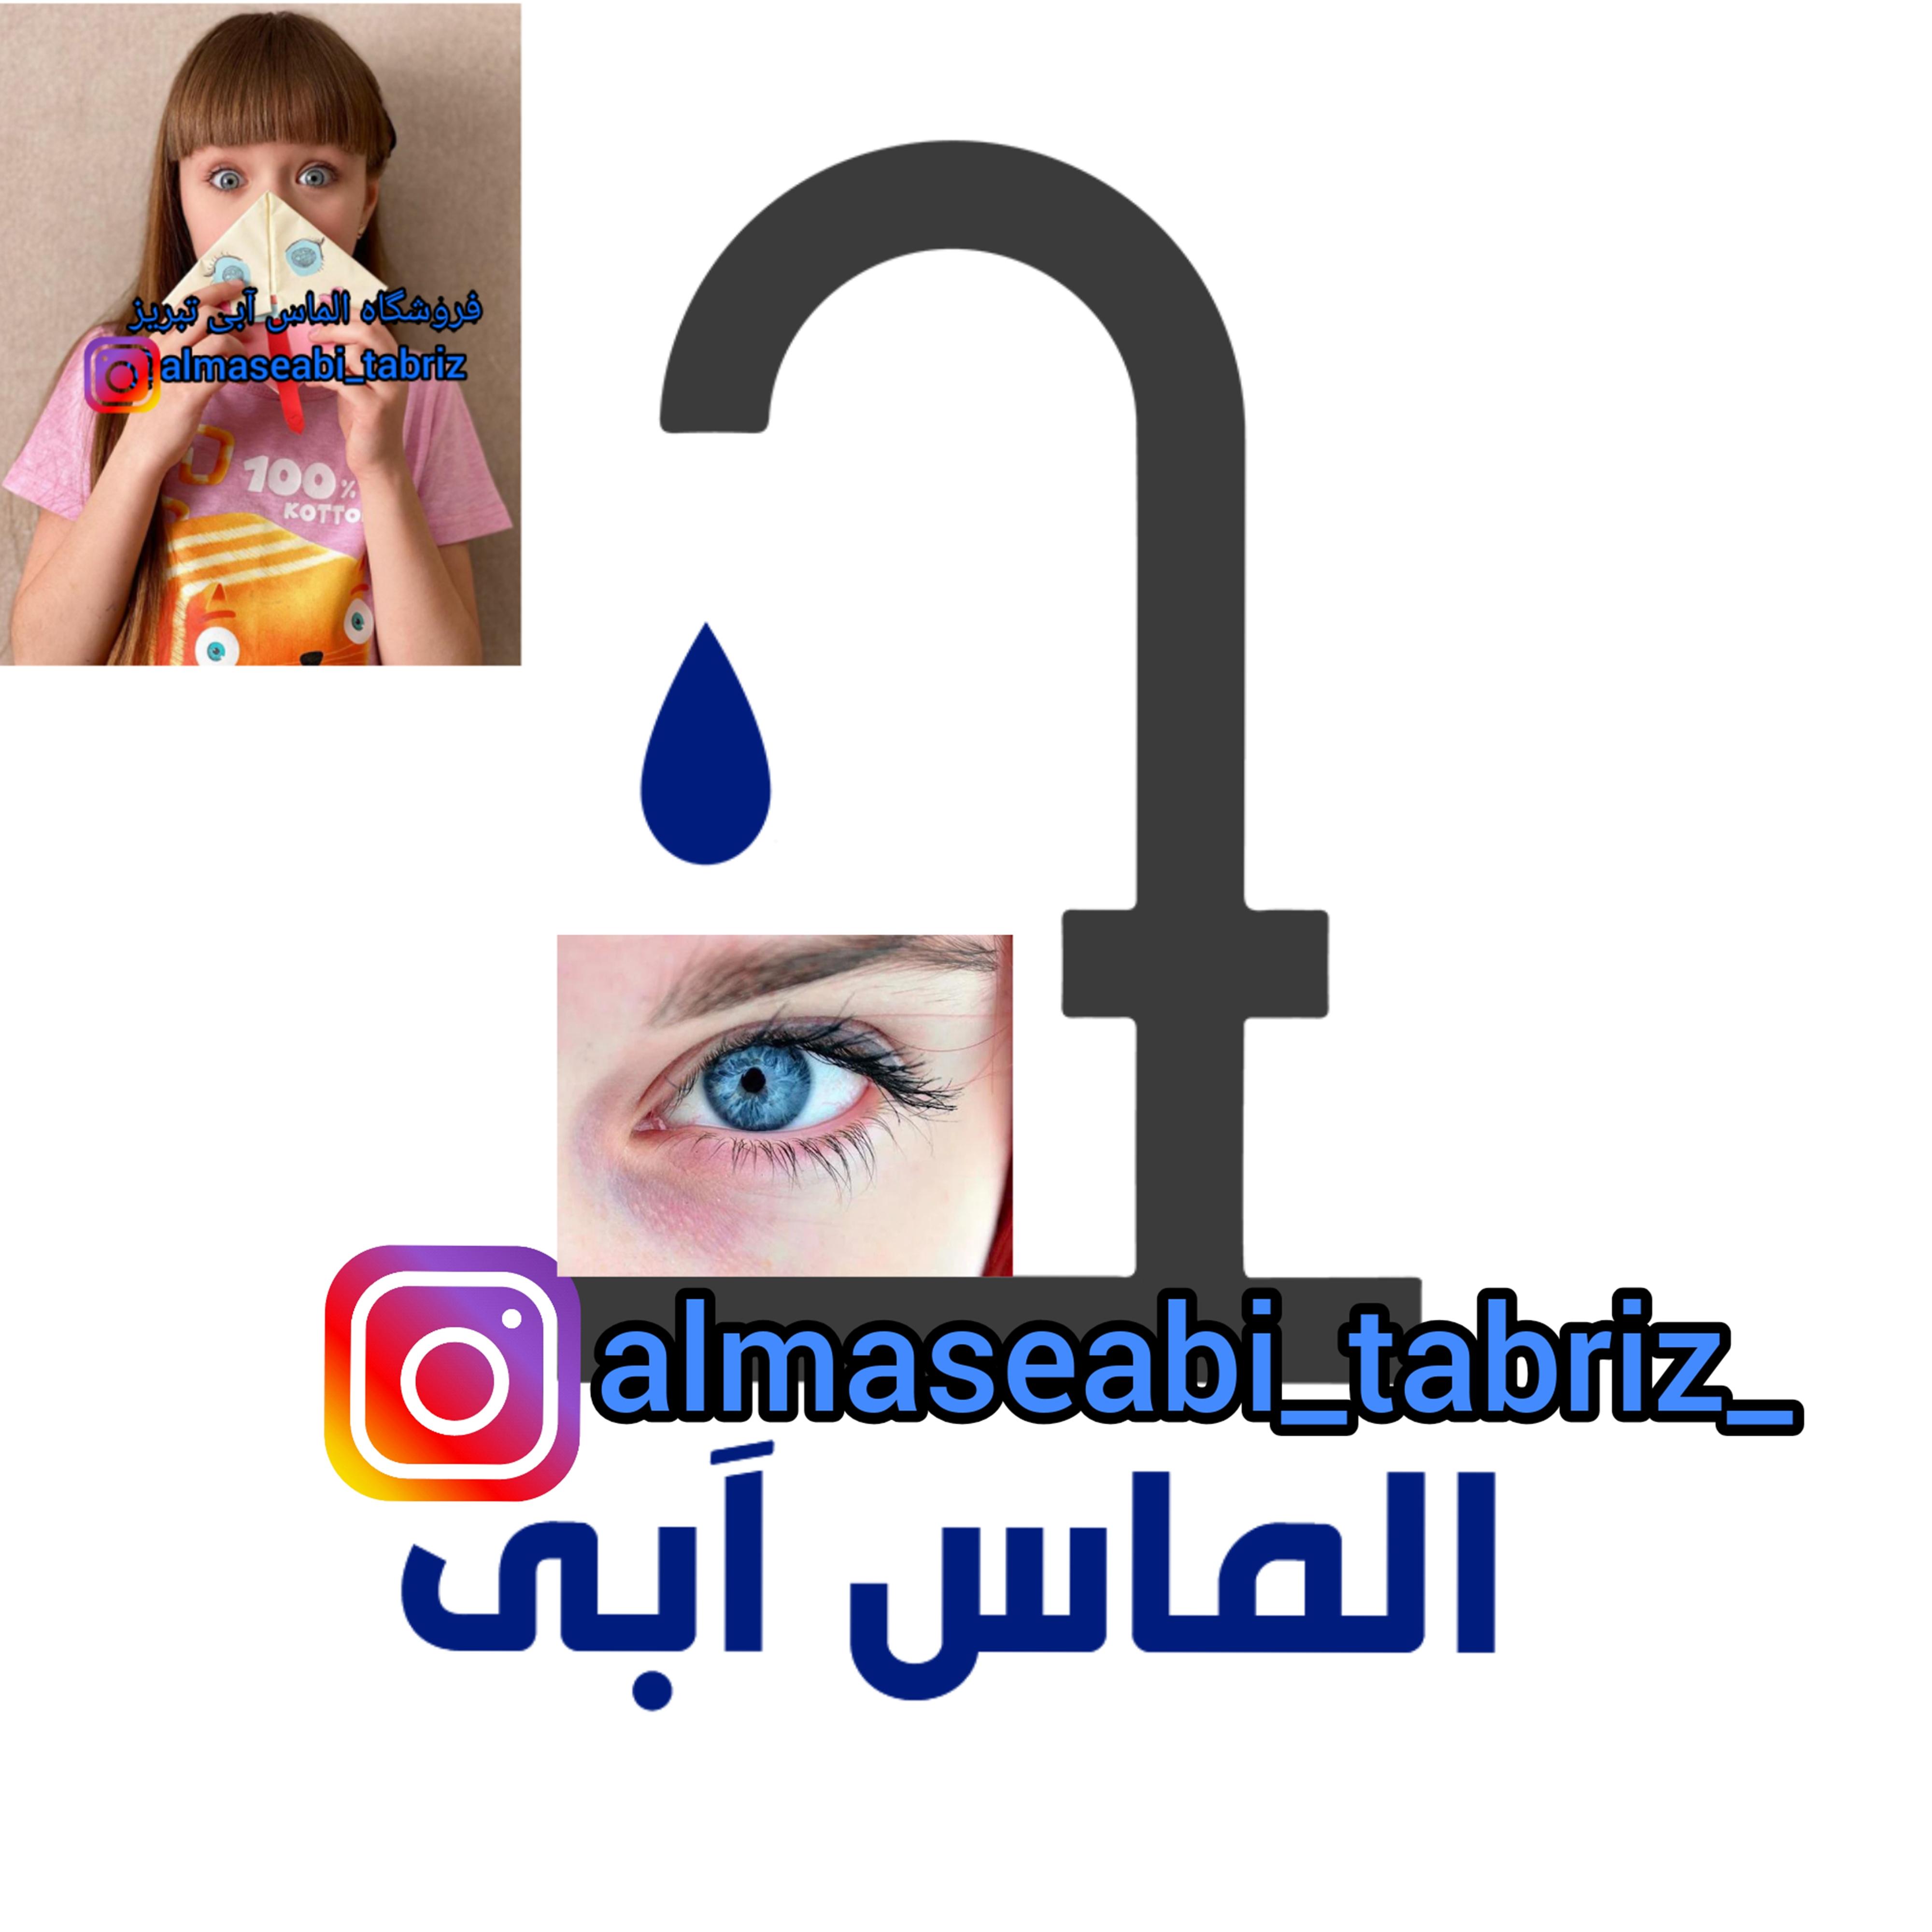 Almaseabi_tabriz